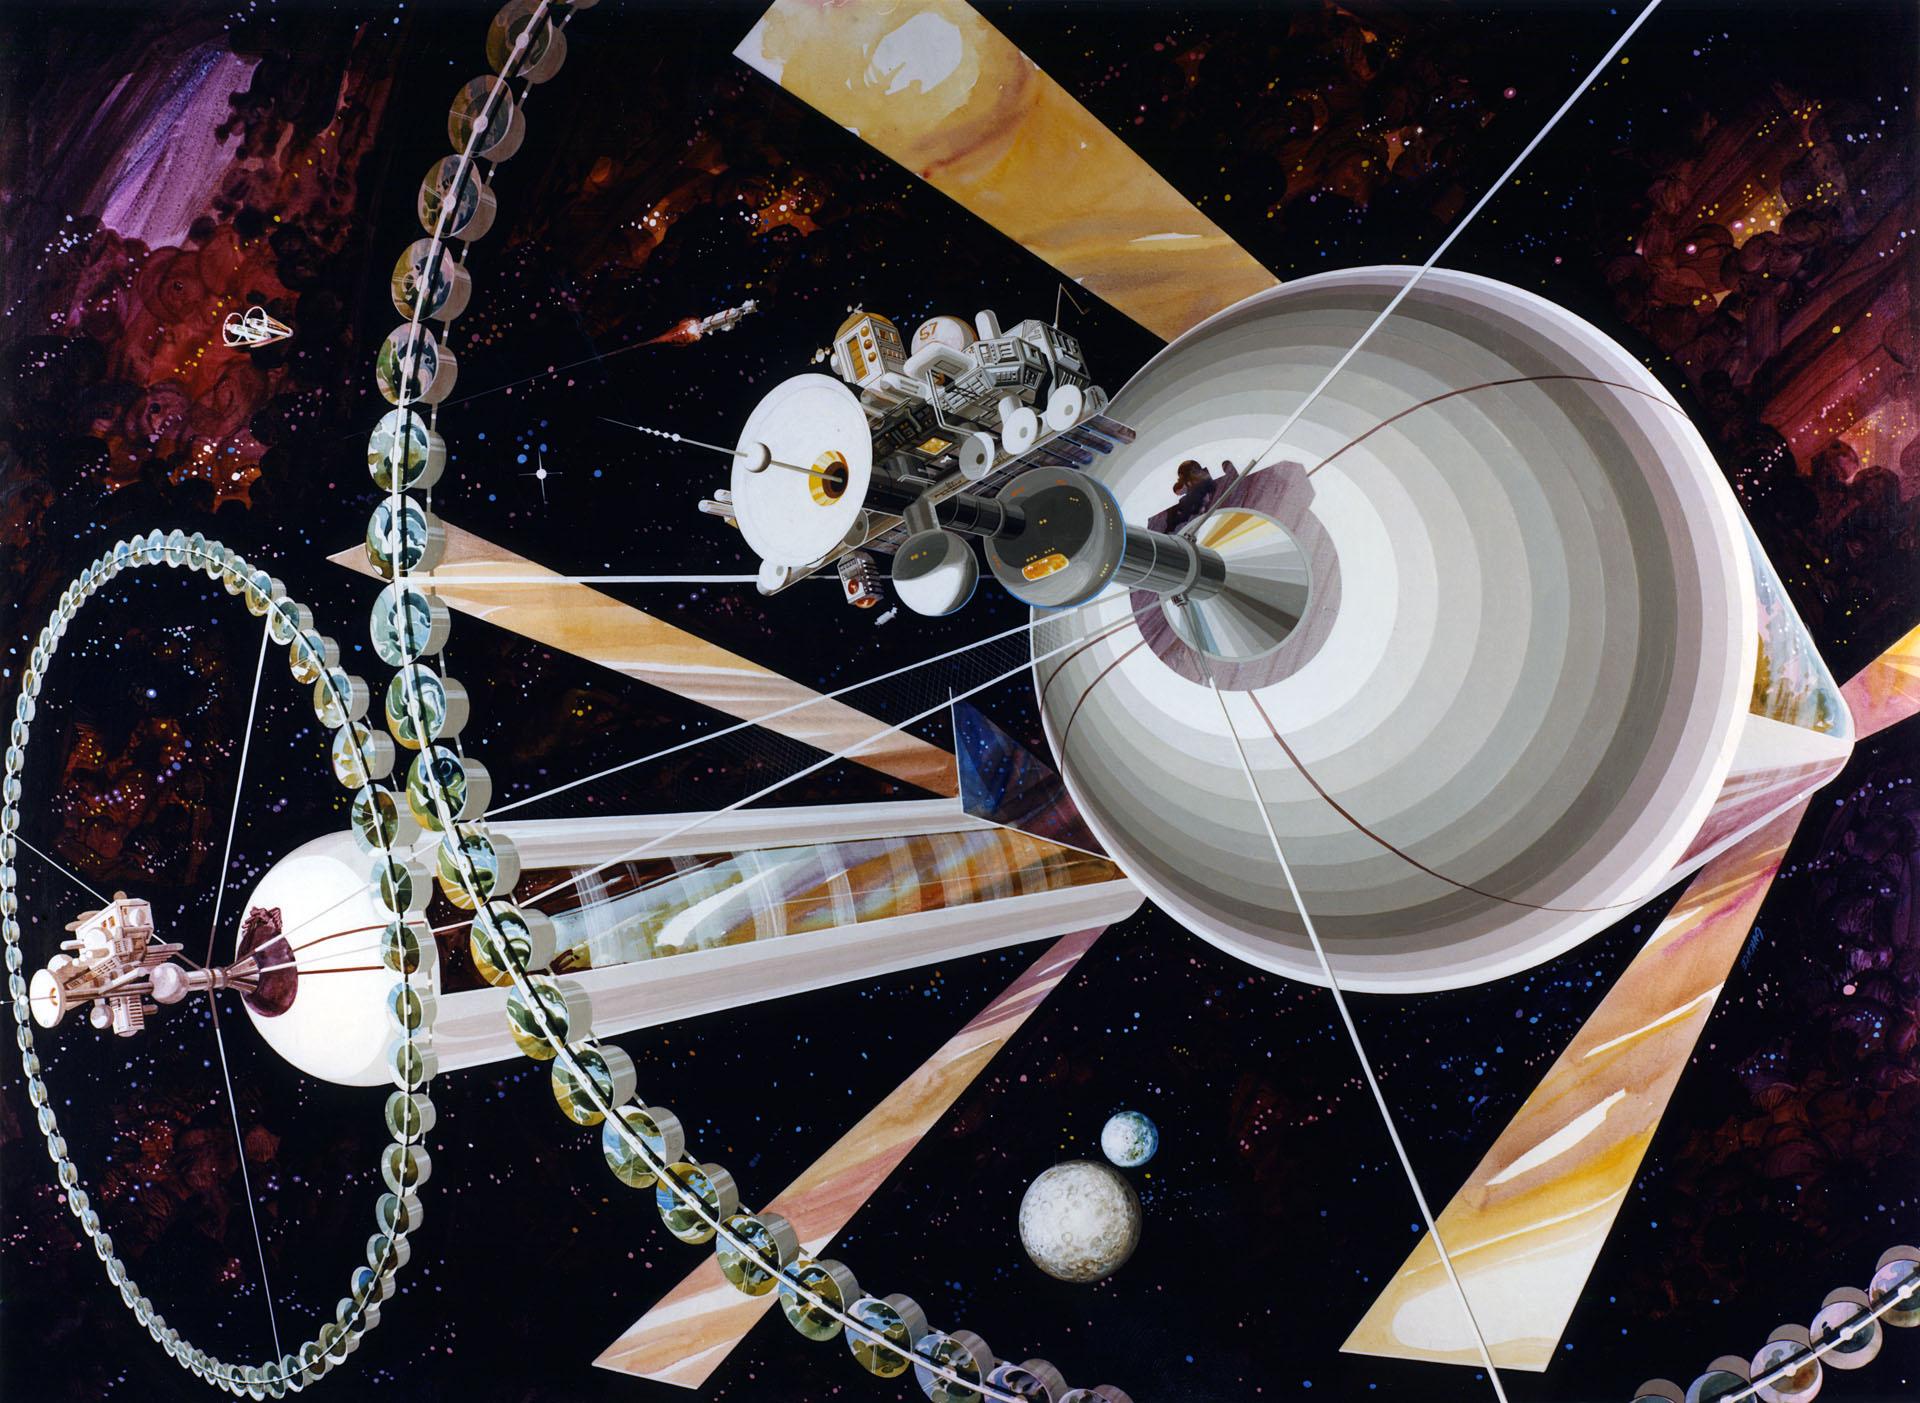 Spacestation70s8420139.jpg